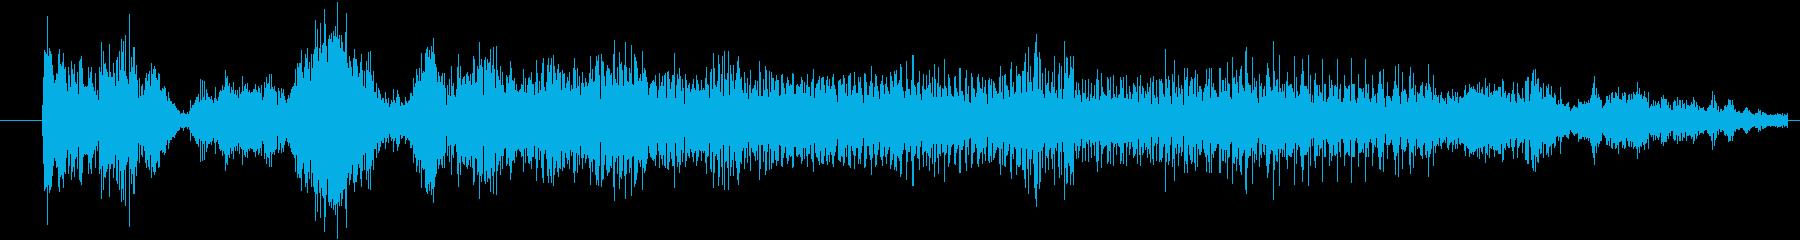 モンスター グリッチトーク03の再生済みの波形